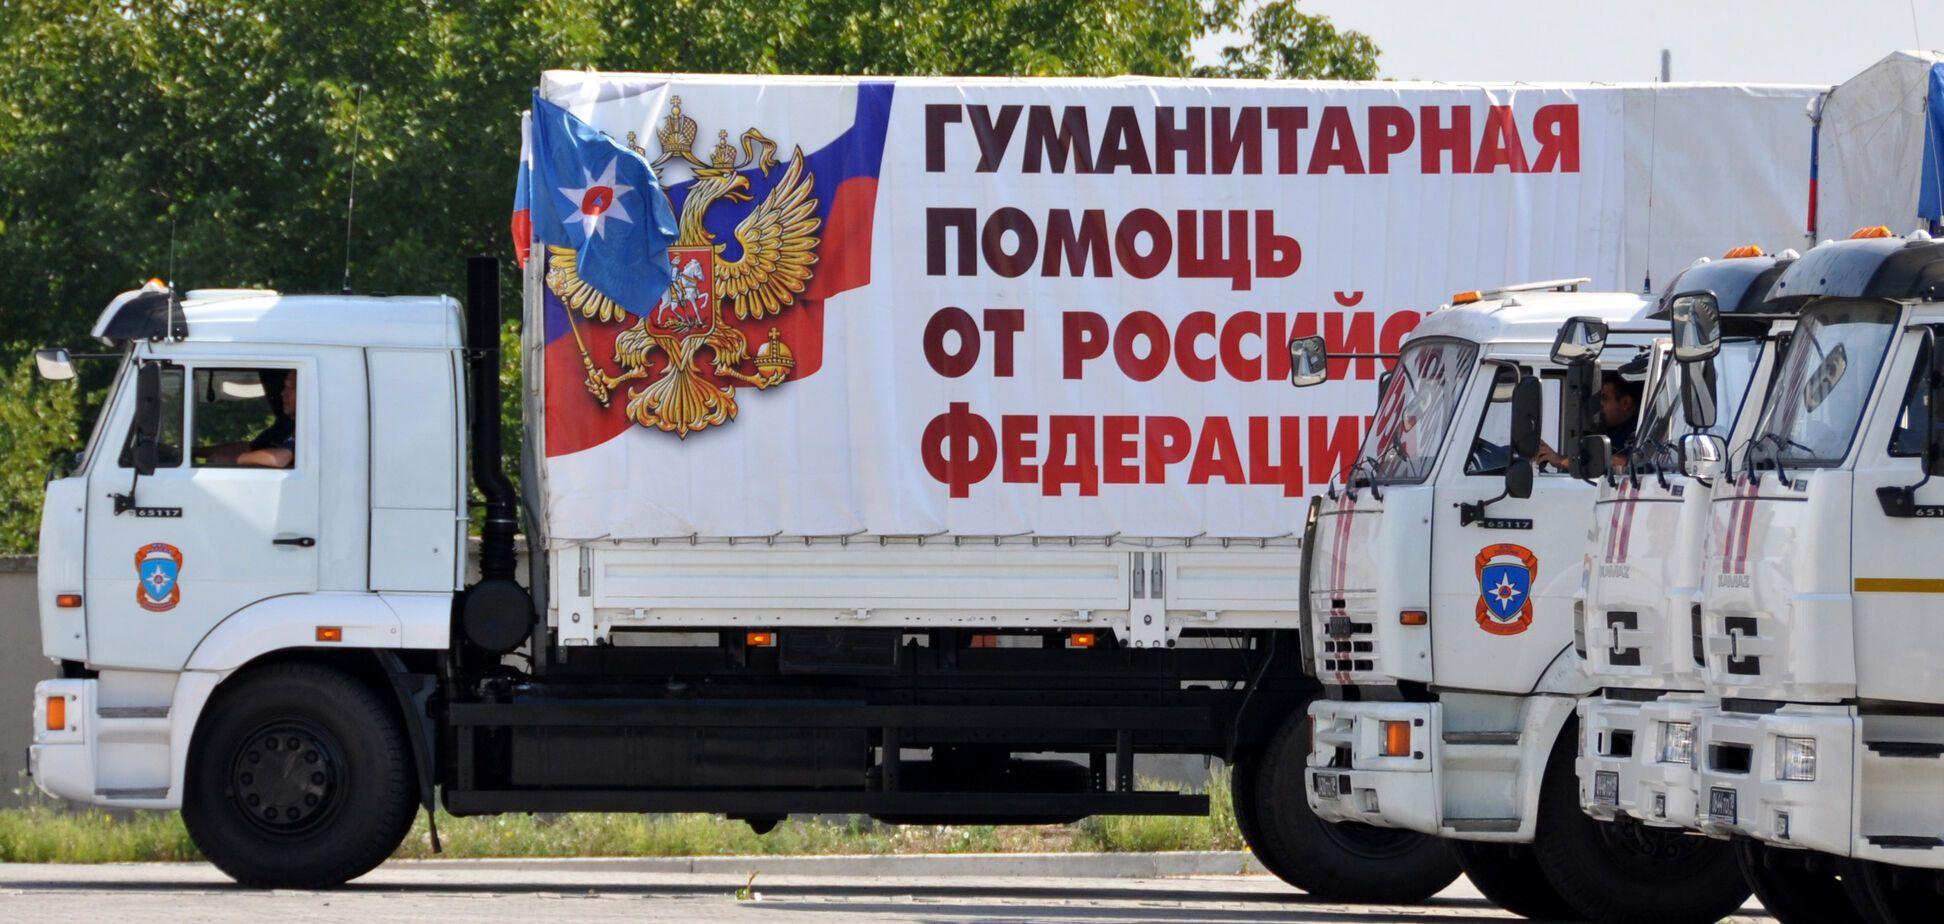 В 'ДНР' российскую гуманитарку меняют на еду и памперсы: всплыл инсайд